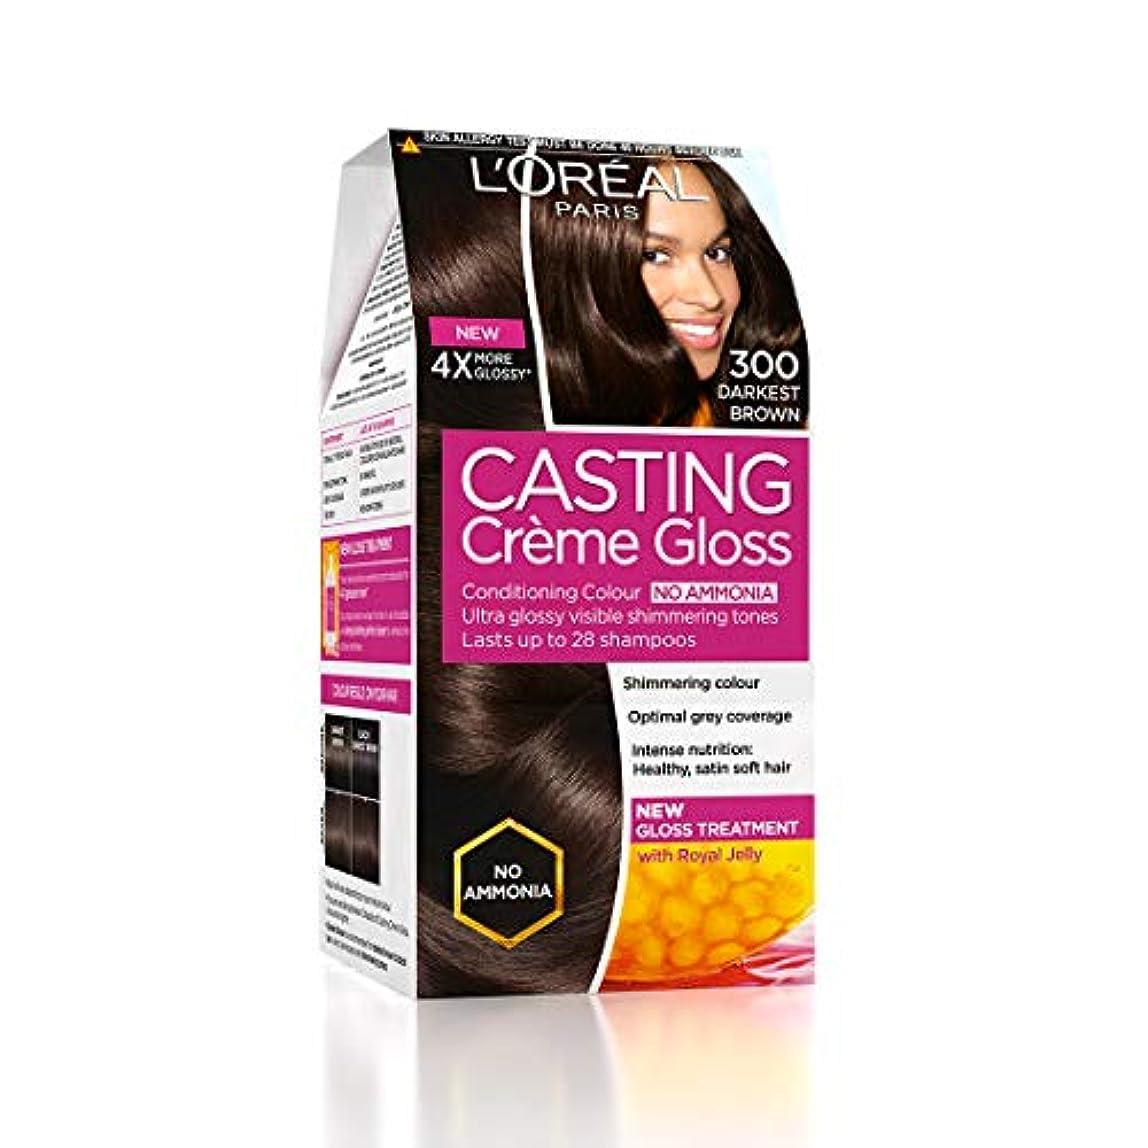 柔らかい足取り扱い社会主義L'Oreal Paris Casting Creme Gloss Hair Color, Darkest Brown 300, 87.5g+72ml